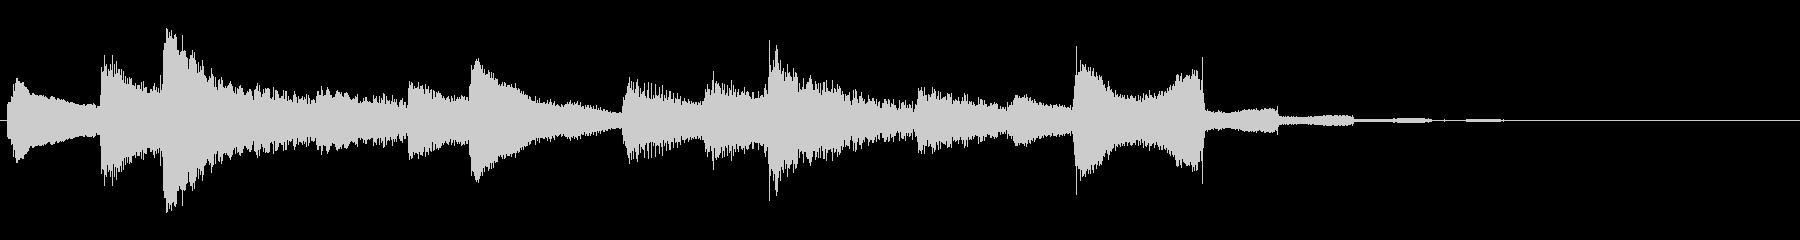 ピアノソロなファンファーレの未再生の波形